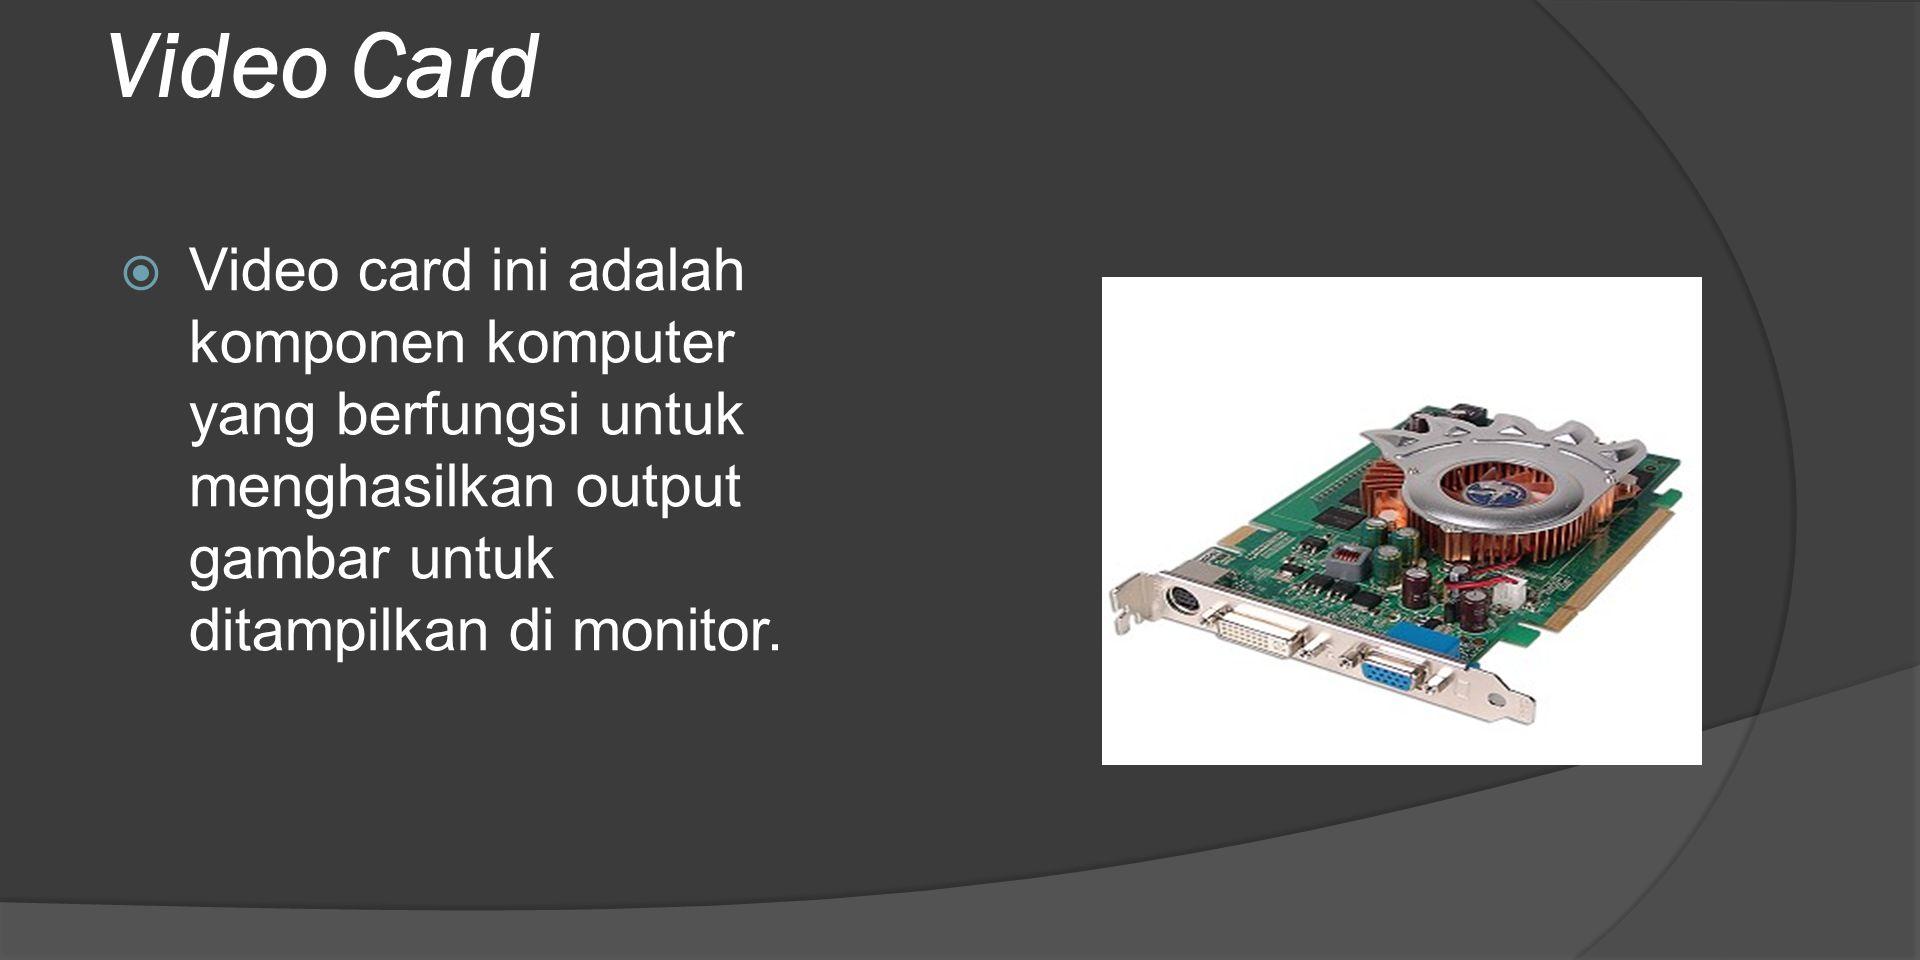 Video Card Video card ini adalah komponen komputer yang berfungsi untuk menghasilkan output gambar untuk ditampilkan di monitor.